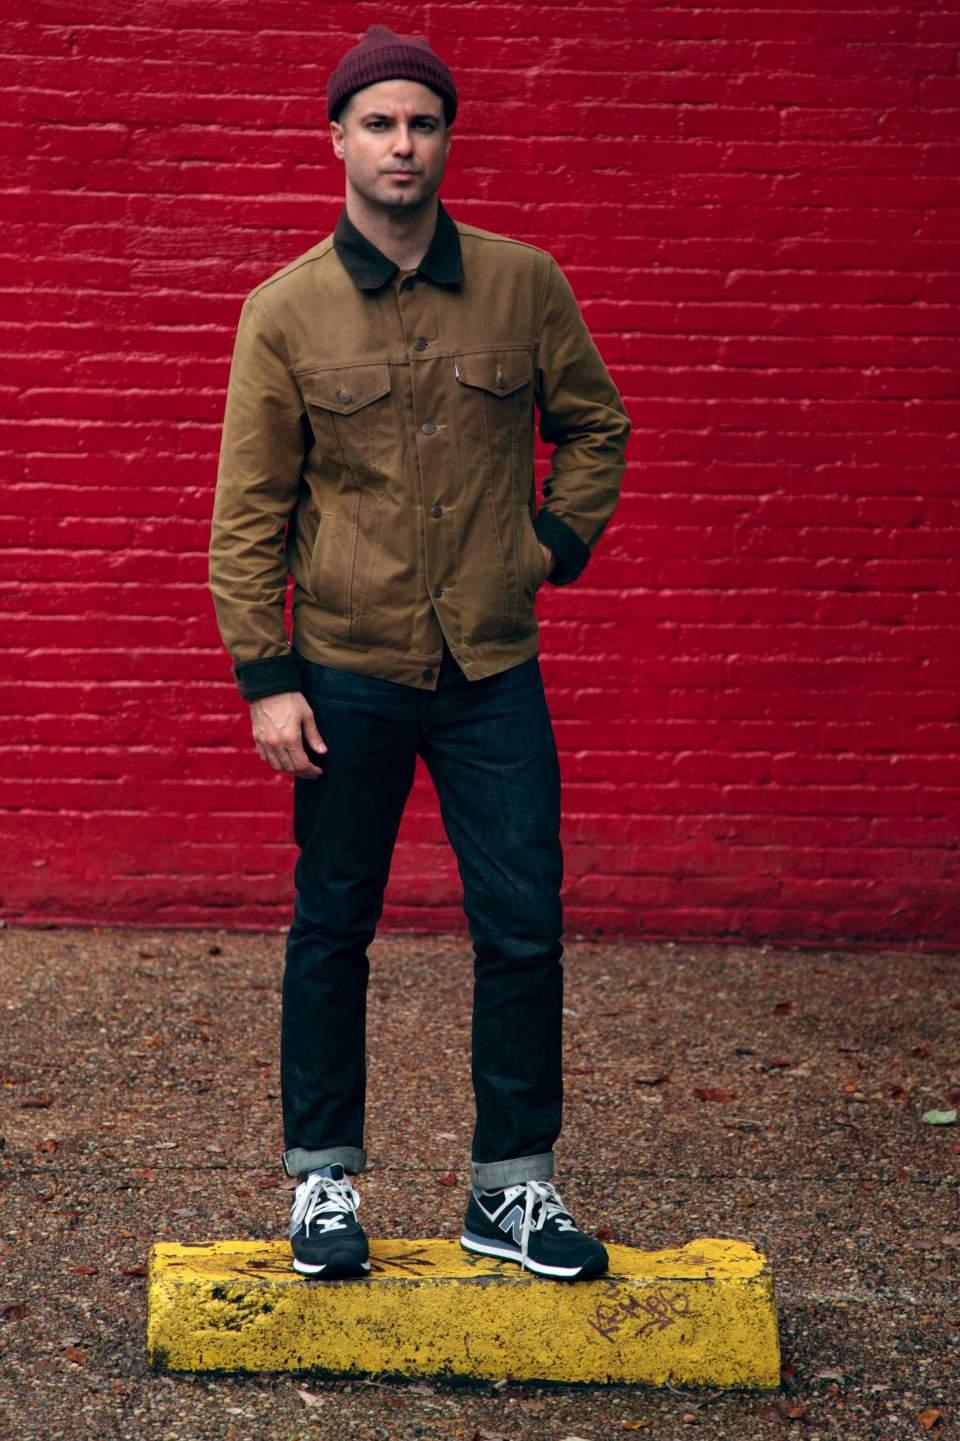 大人気スニーカー「ニューバランス」のコーデ集! 世界のおしゃれメンズに習う、おしゃれコーデ術  3番目の画像